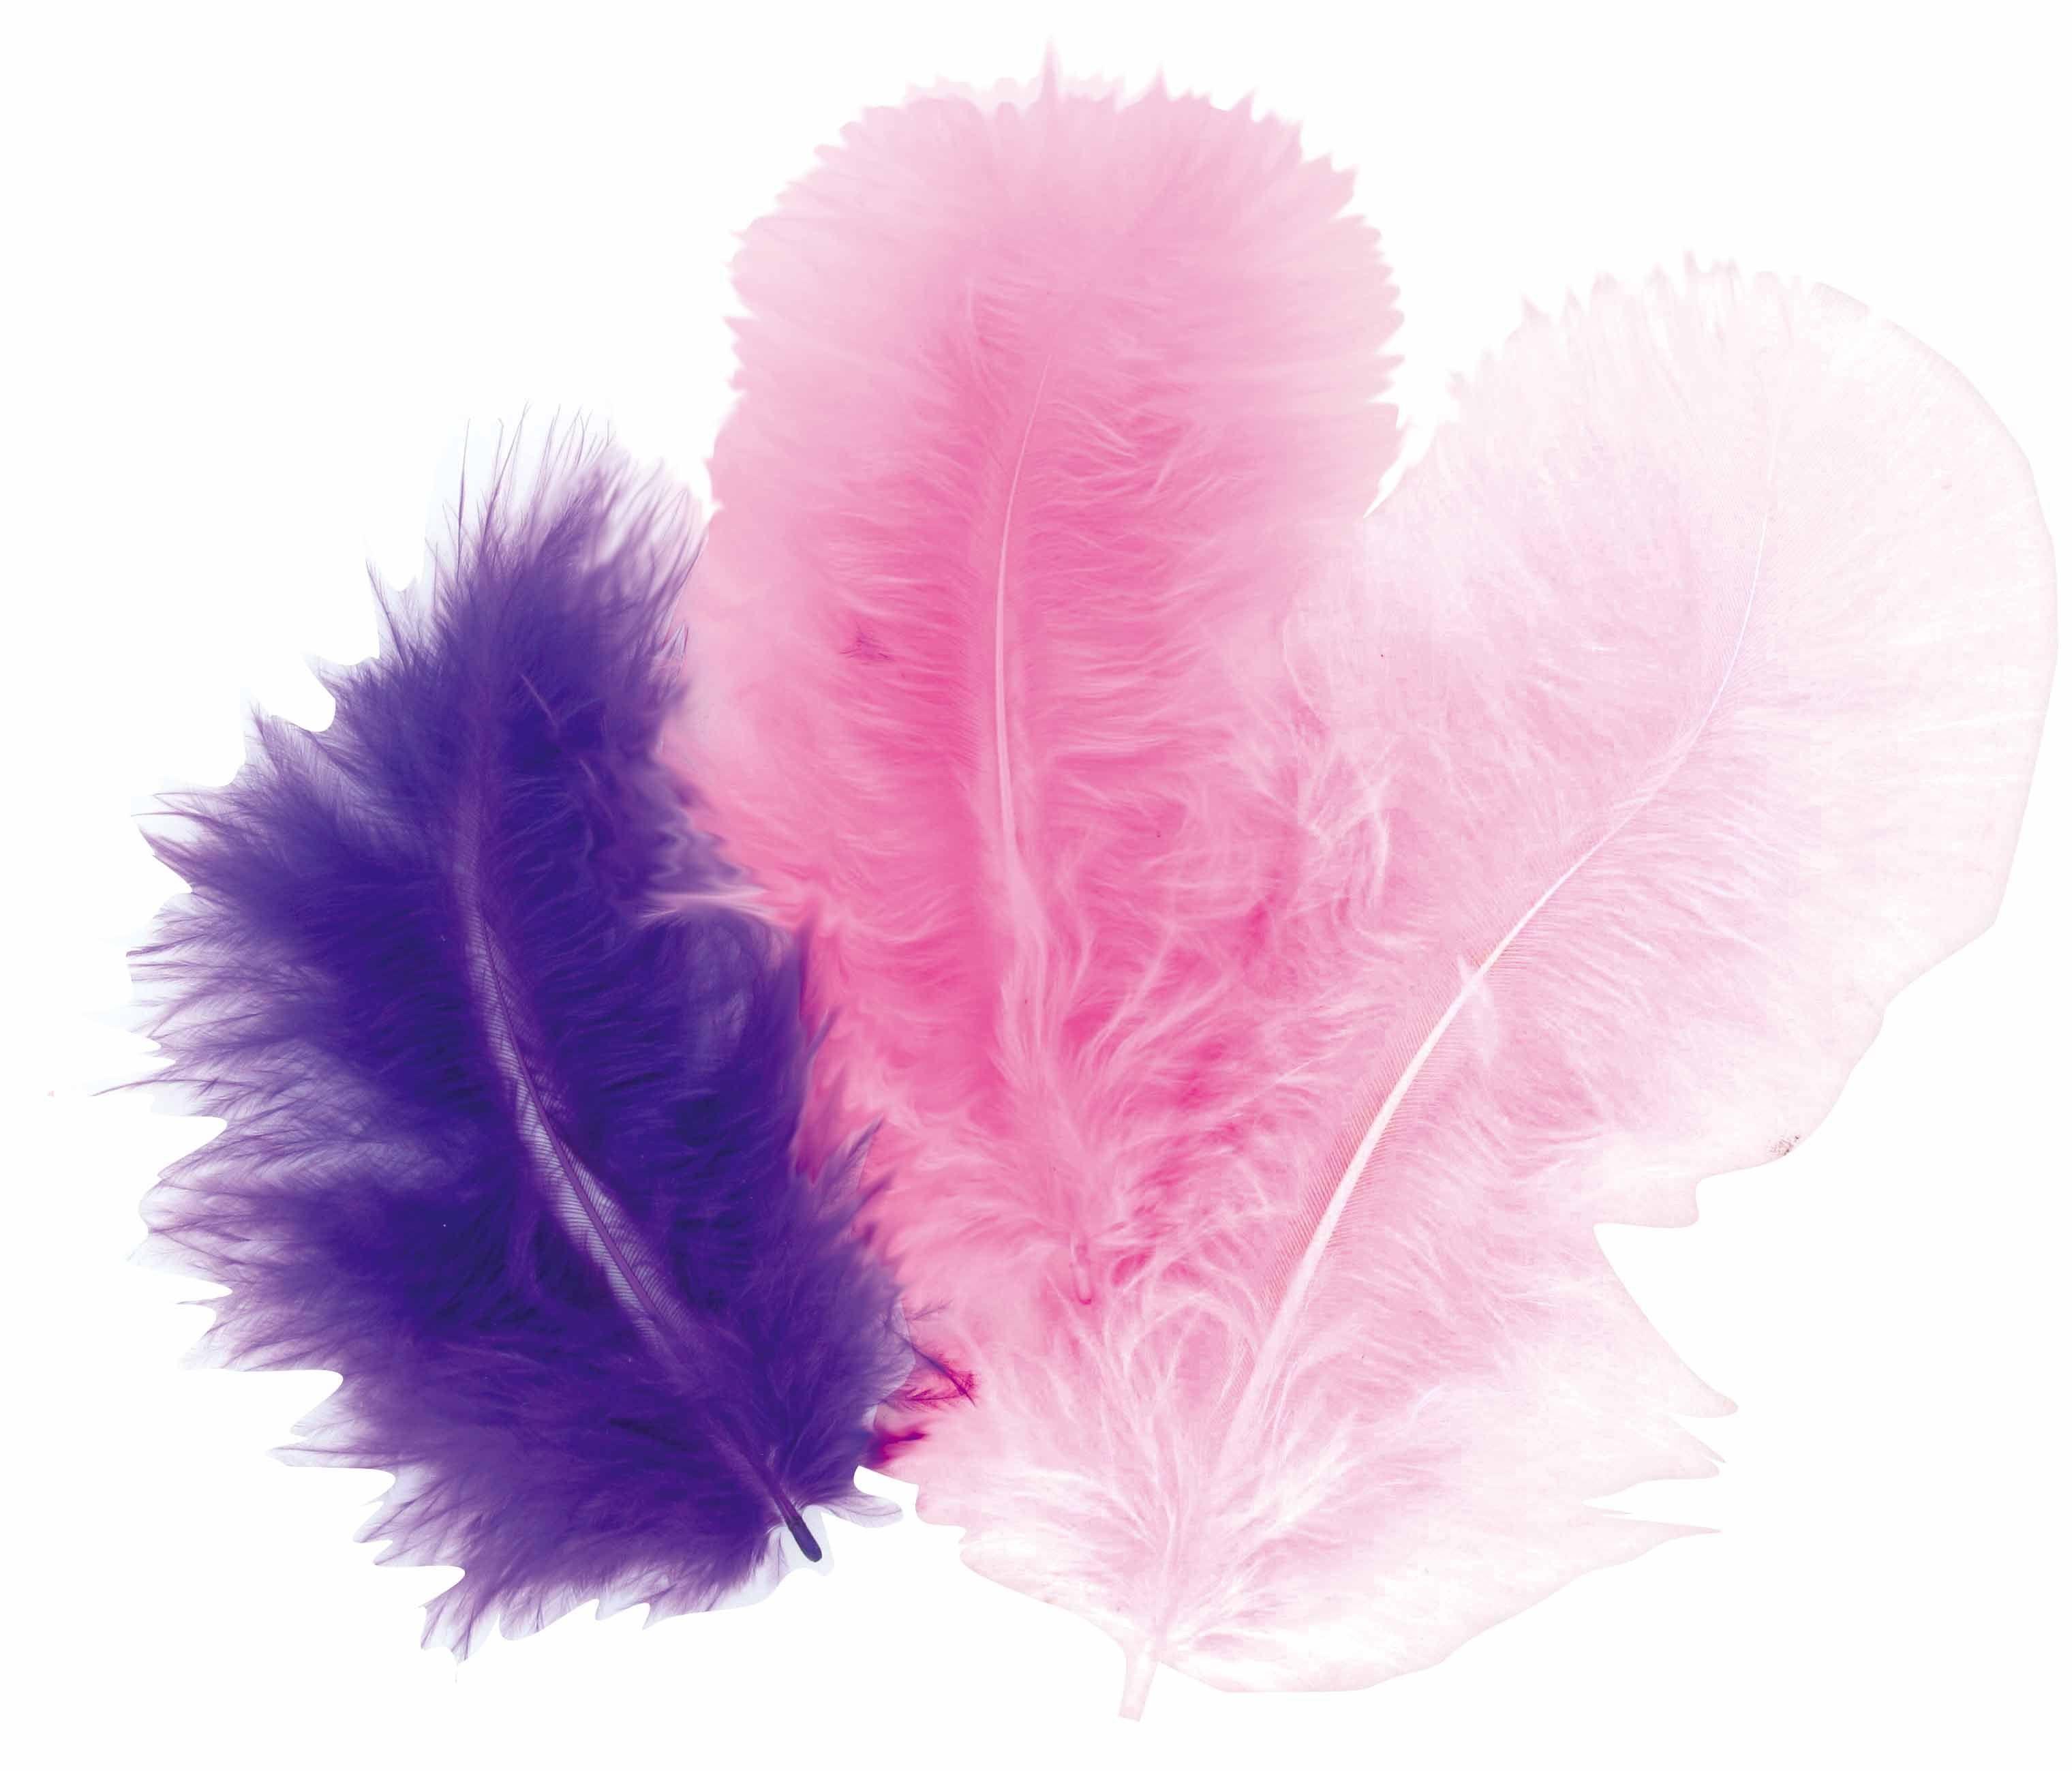 50 plumes d 39 oiseaux cama eu de violet aylia - Signification des plumes d oiseaux ...